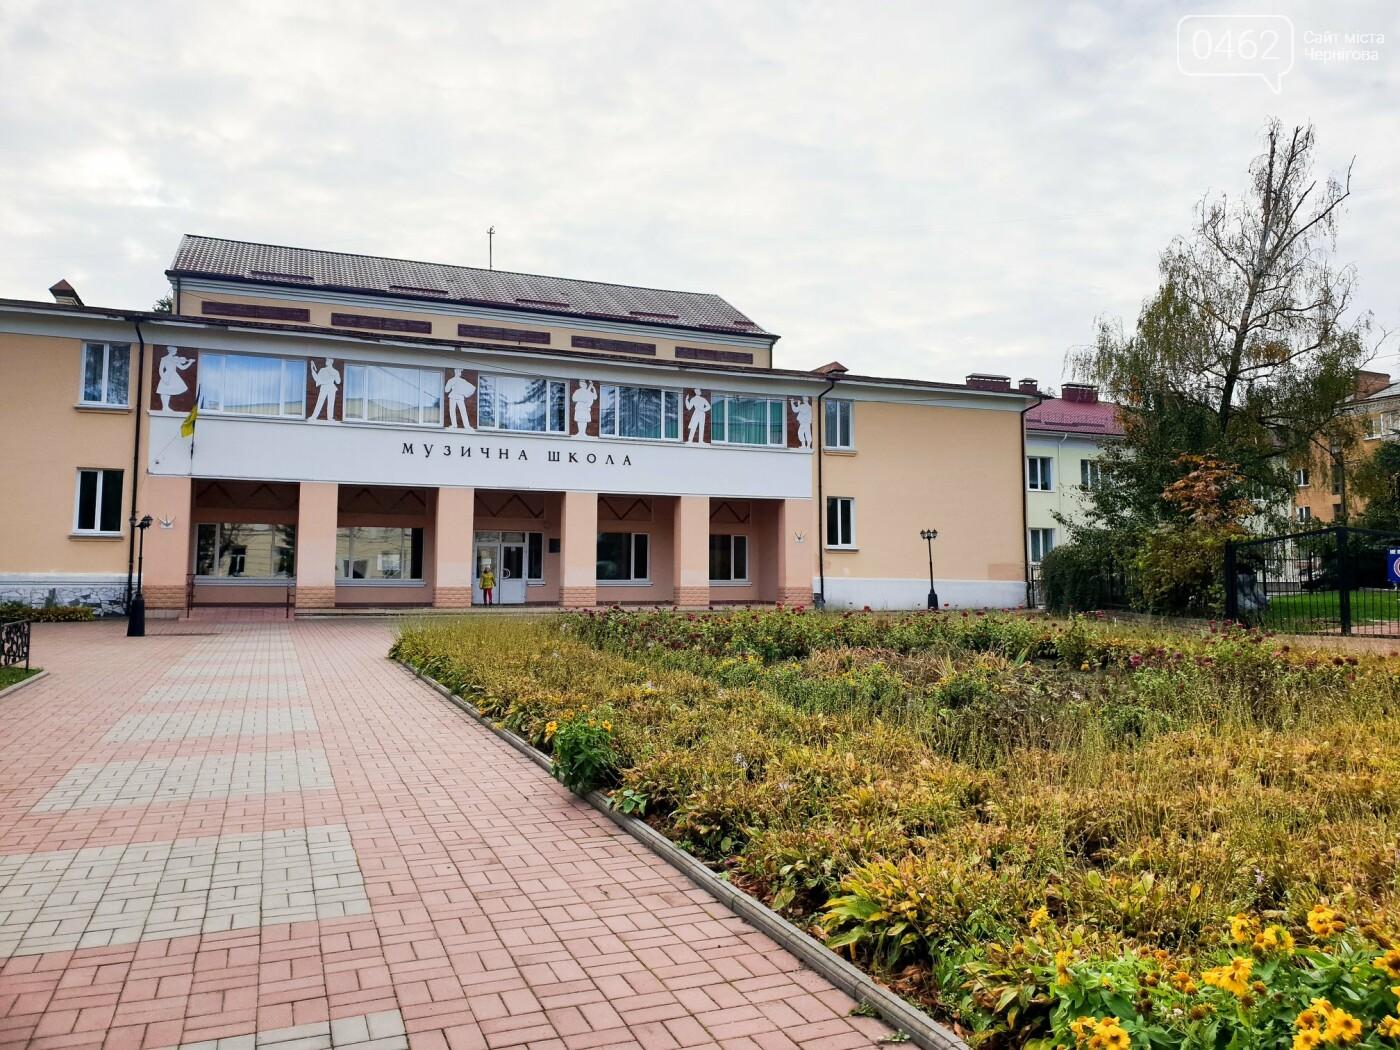 У центрі Чернігова замість незаконної лазні з'явиться новий концертний майданчик, фото-4